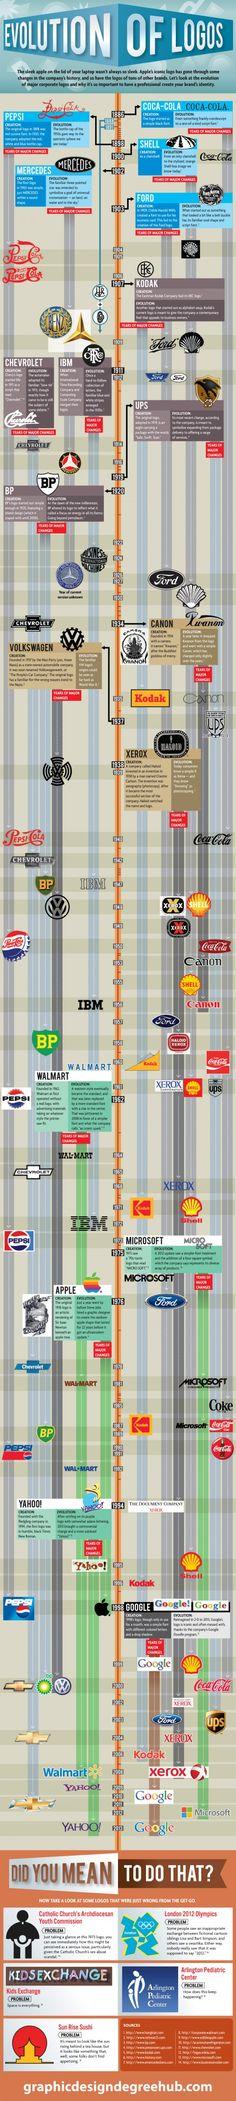 Conoce la evolución de algunos de los más relevantes #logos hasta nuestros días. #infografia